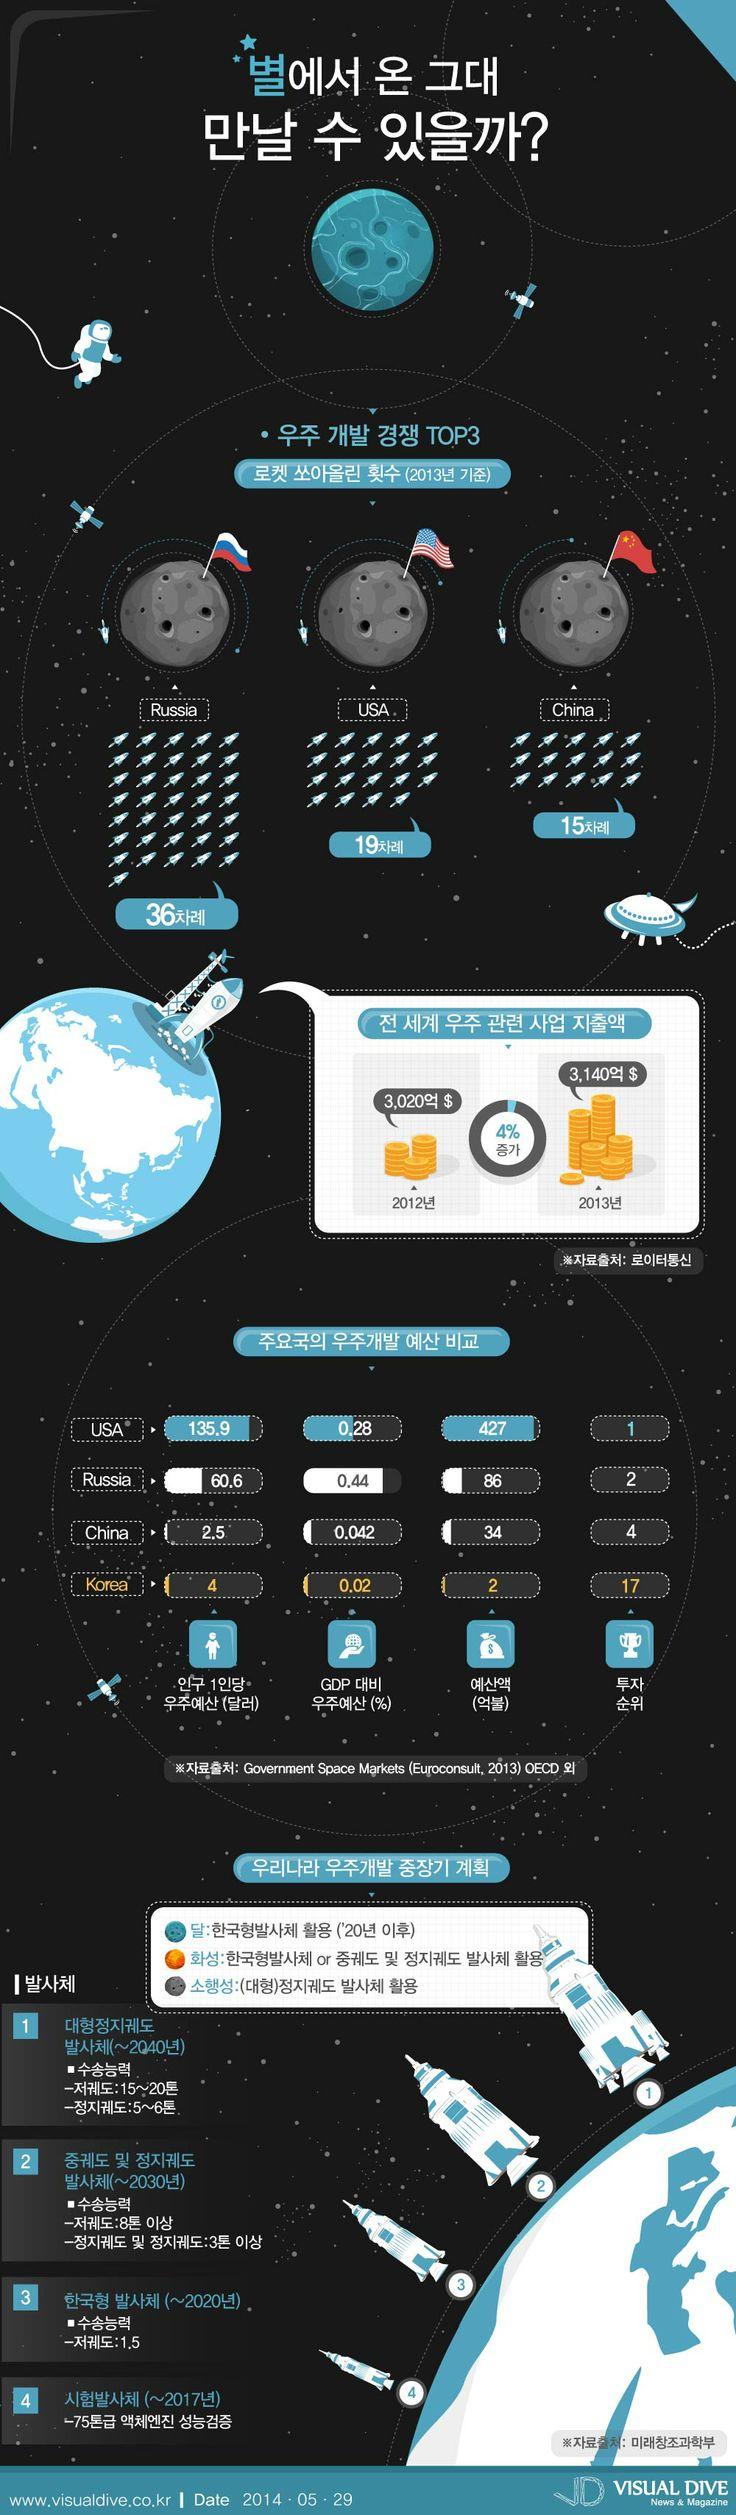 별에서 온 그대 만나러 갈 수 있을까?…세계 우주개발경쟁 치열 [인포그래픽] #star #Infographic ⓒ 비주얼다이브 무단 복사·전재·재배포